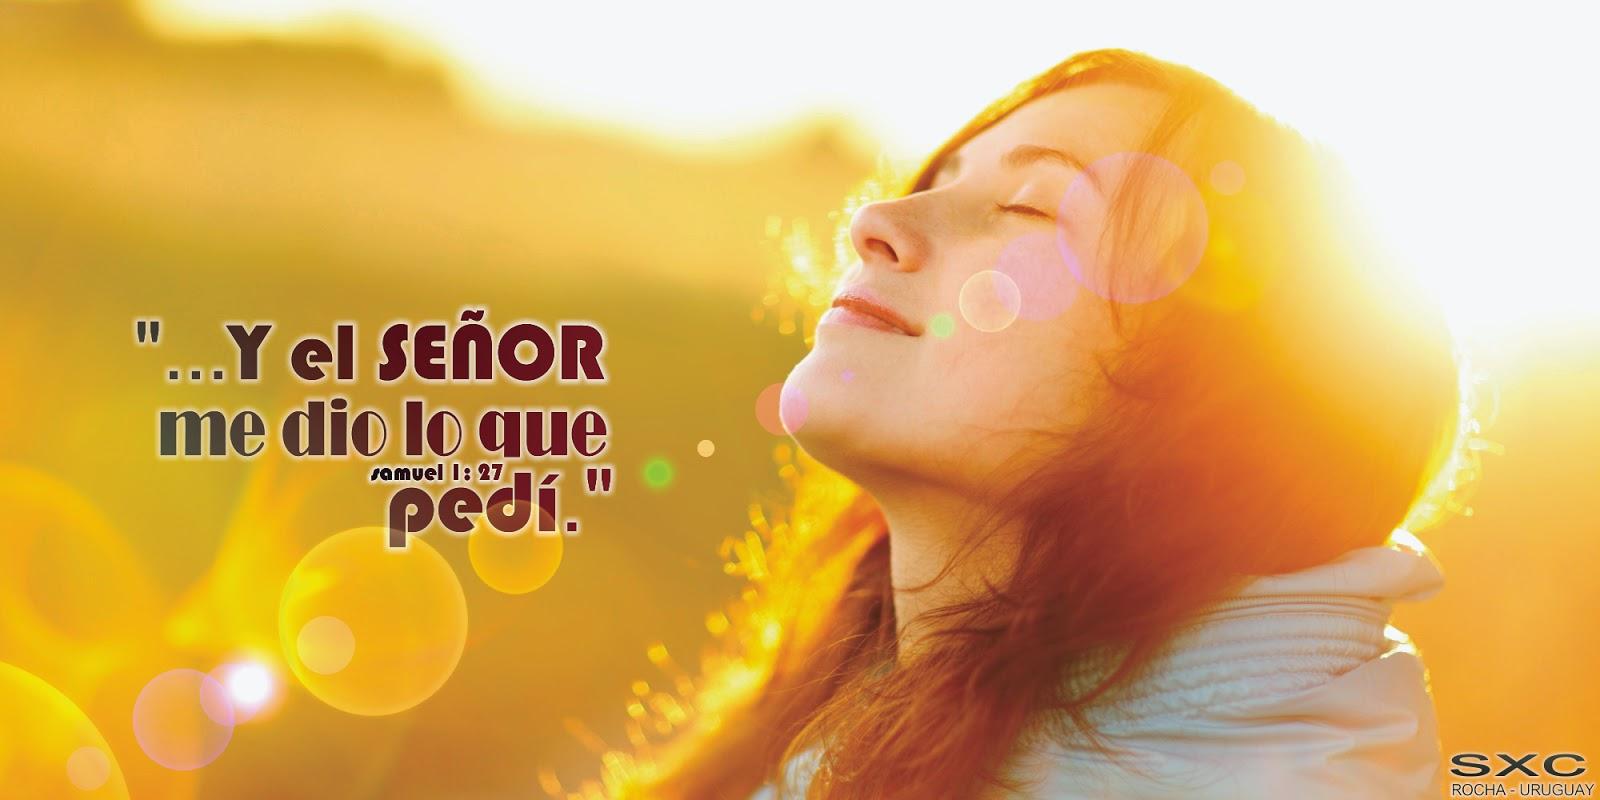 Imagenes de Jesús Grupo Elron - Imagenes De Jesus Con Jovenes